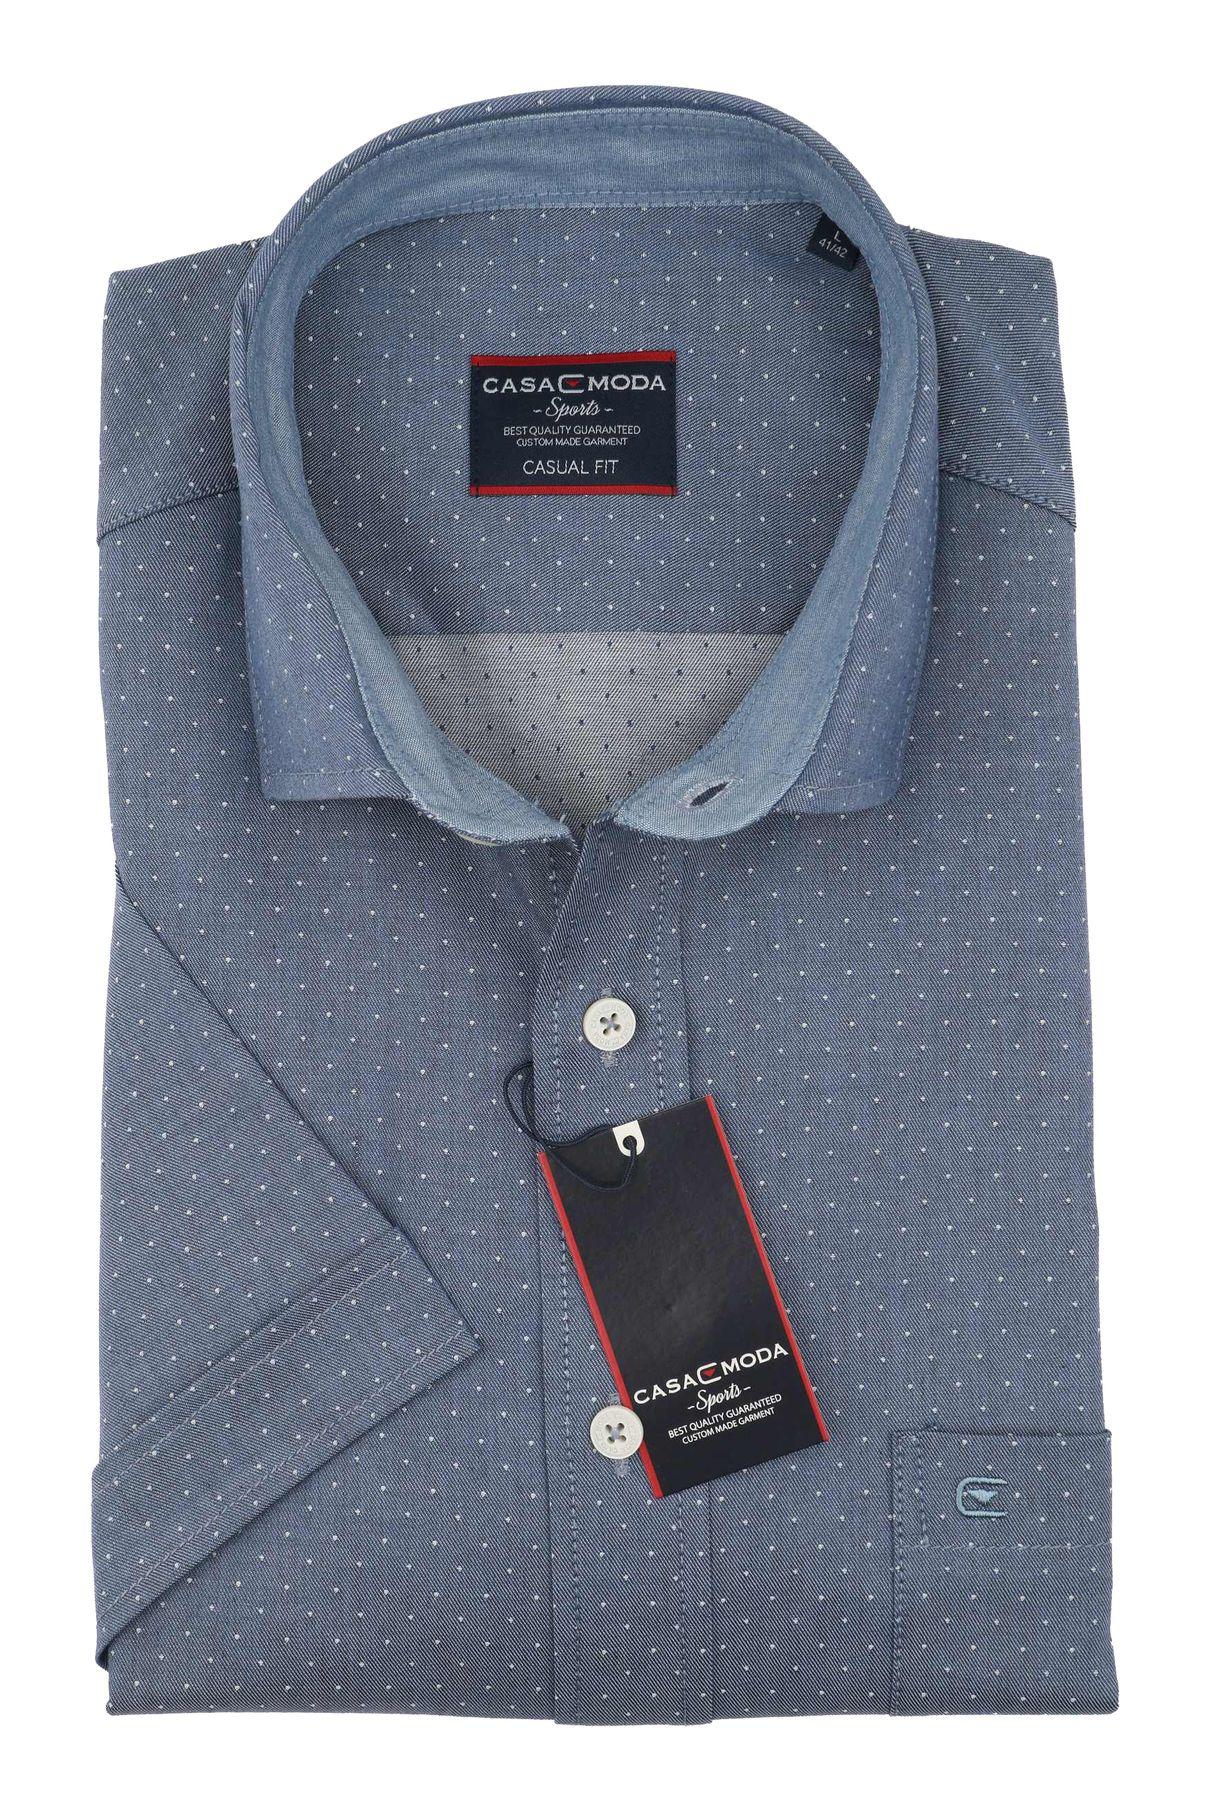 Casa Moda - Casual Fit - Herren Freizeit 1/2-Arm-Hemd in verschiedenen Farben mit Kent-Kragen (983074600) – Bild 8